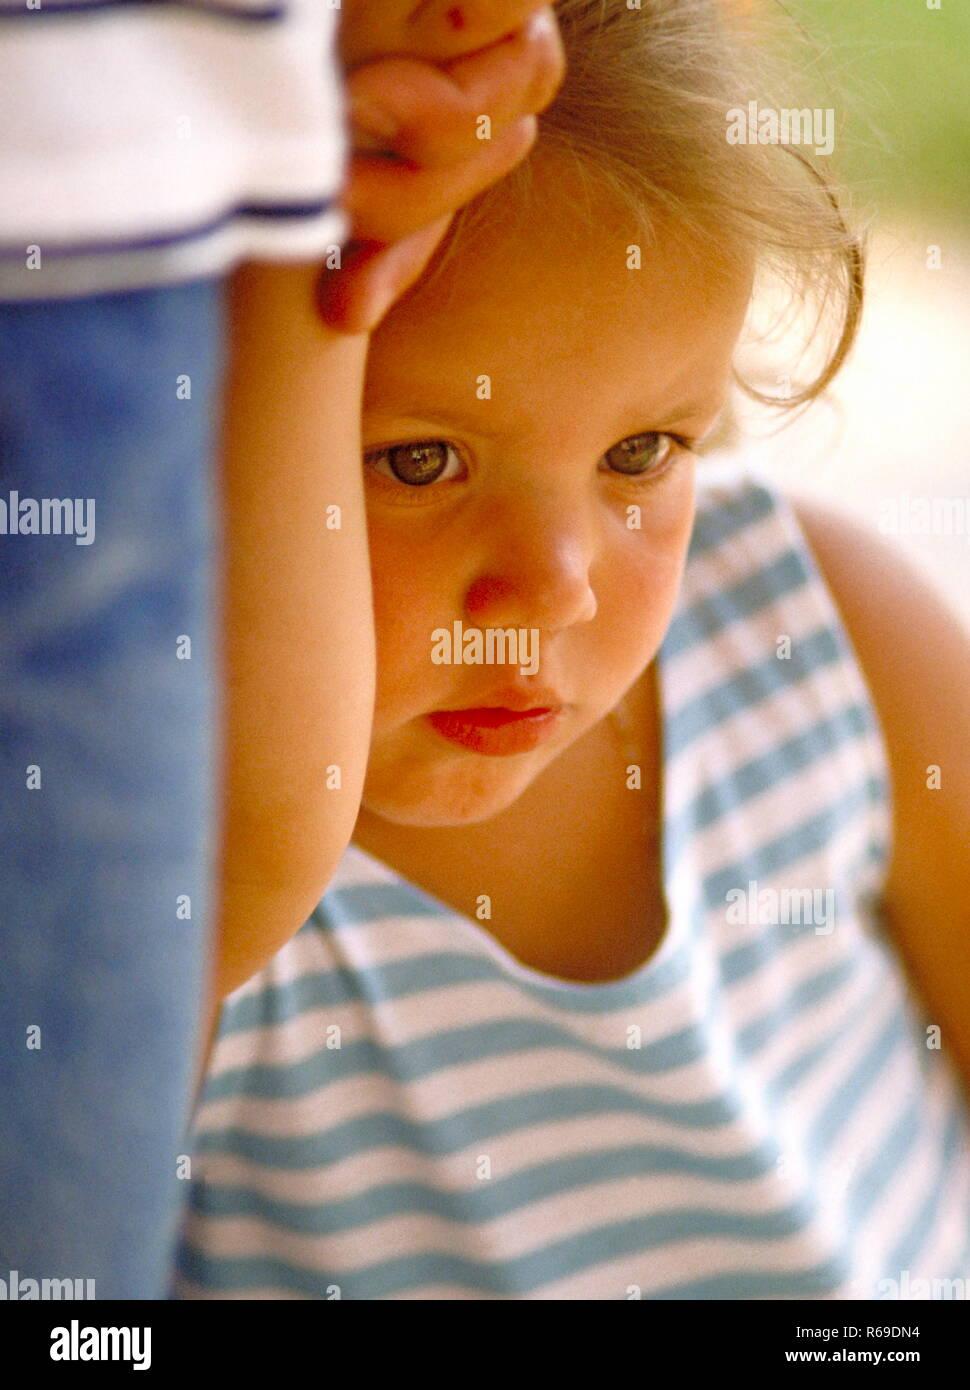 Nahaufnahme, kleines aengstliches Maeddchen an der Hand ihres Vaters Stock Photo